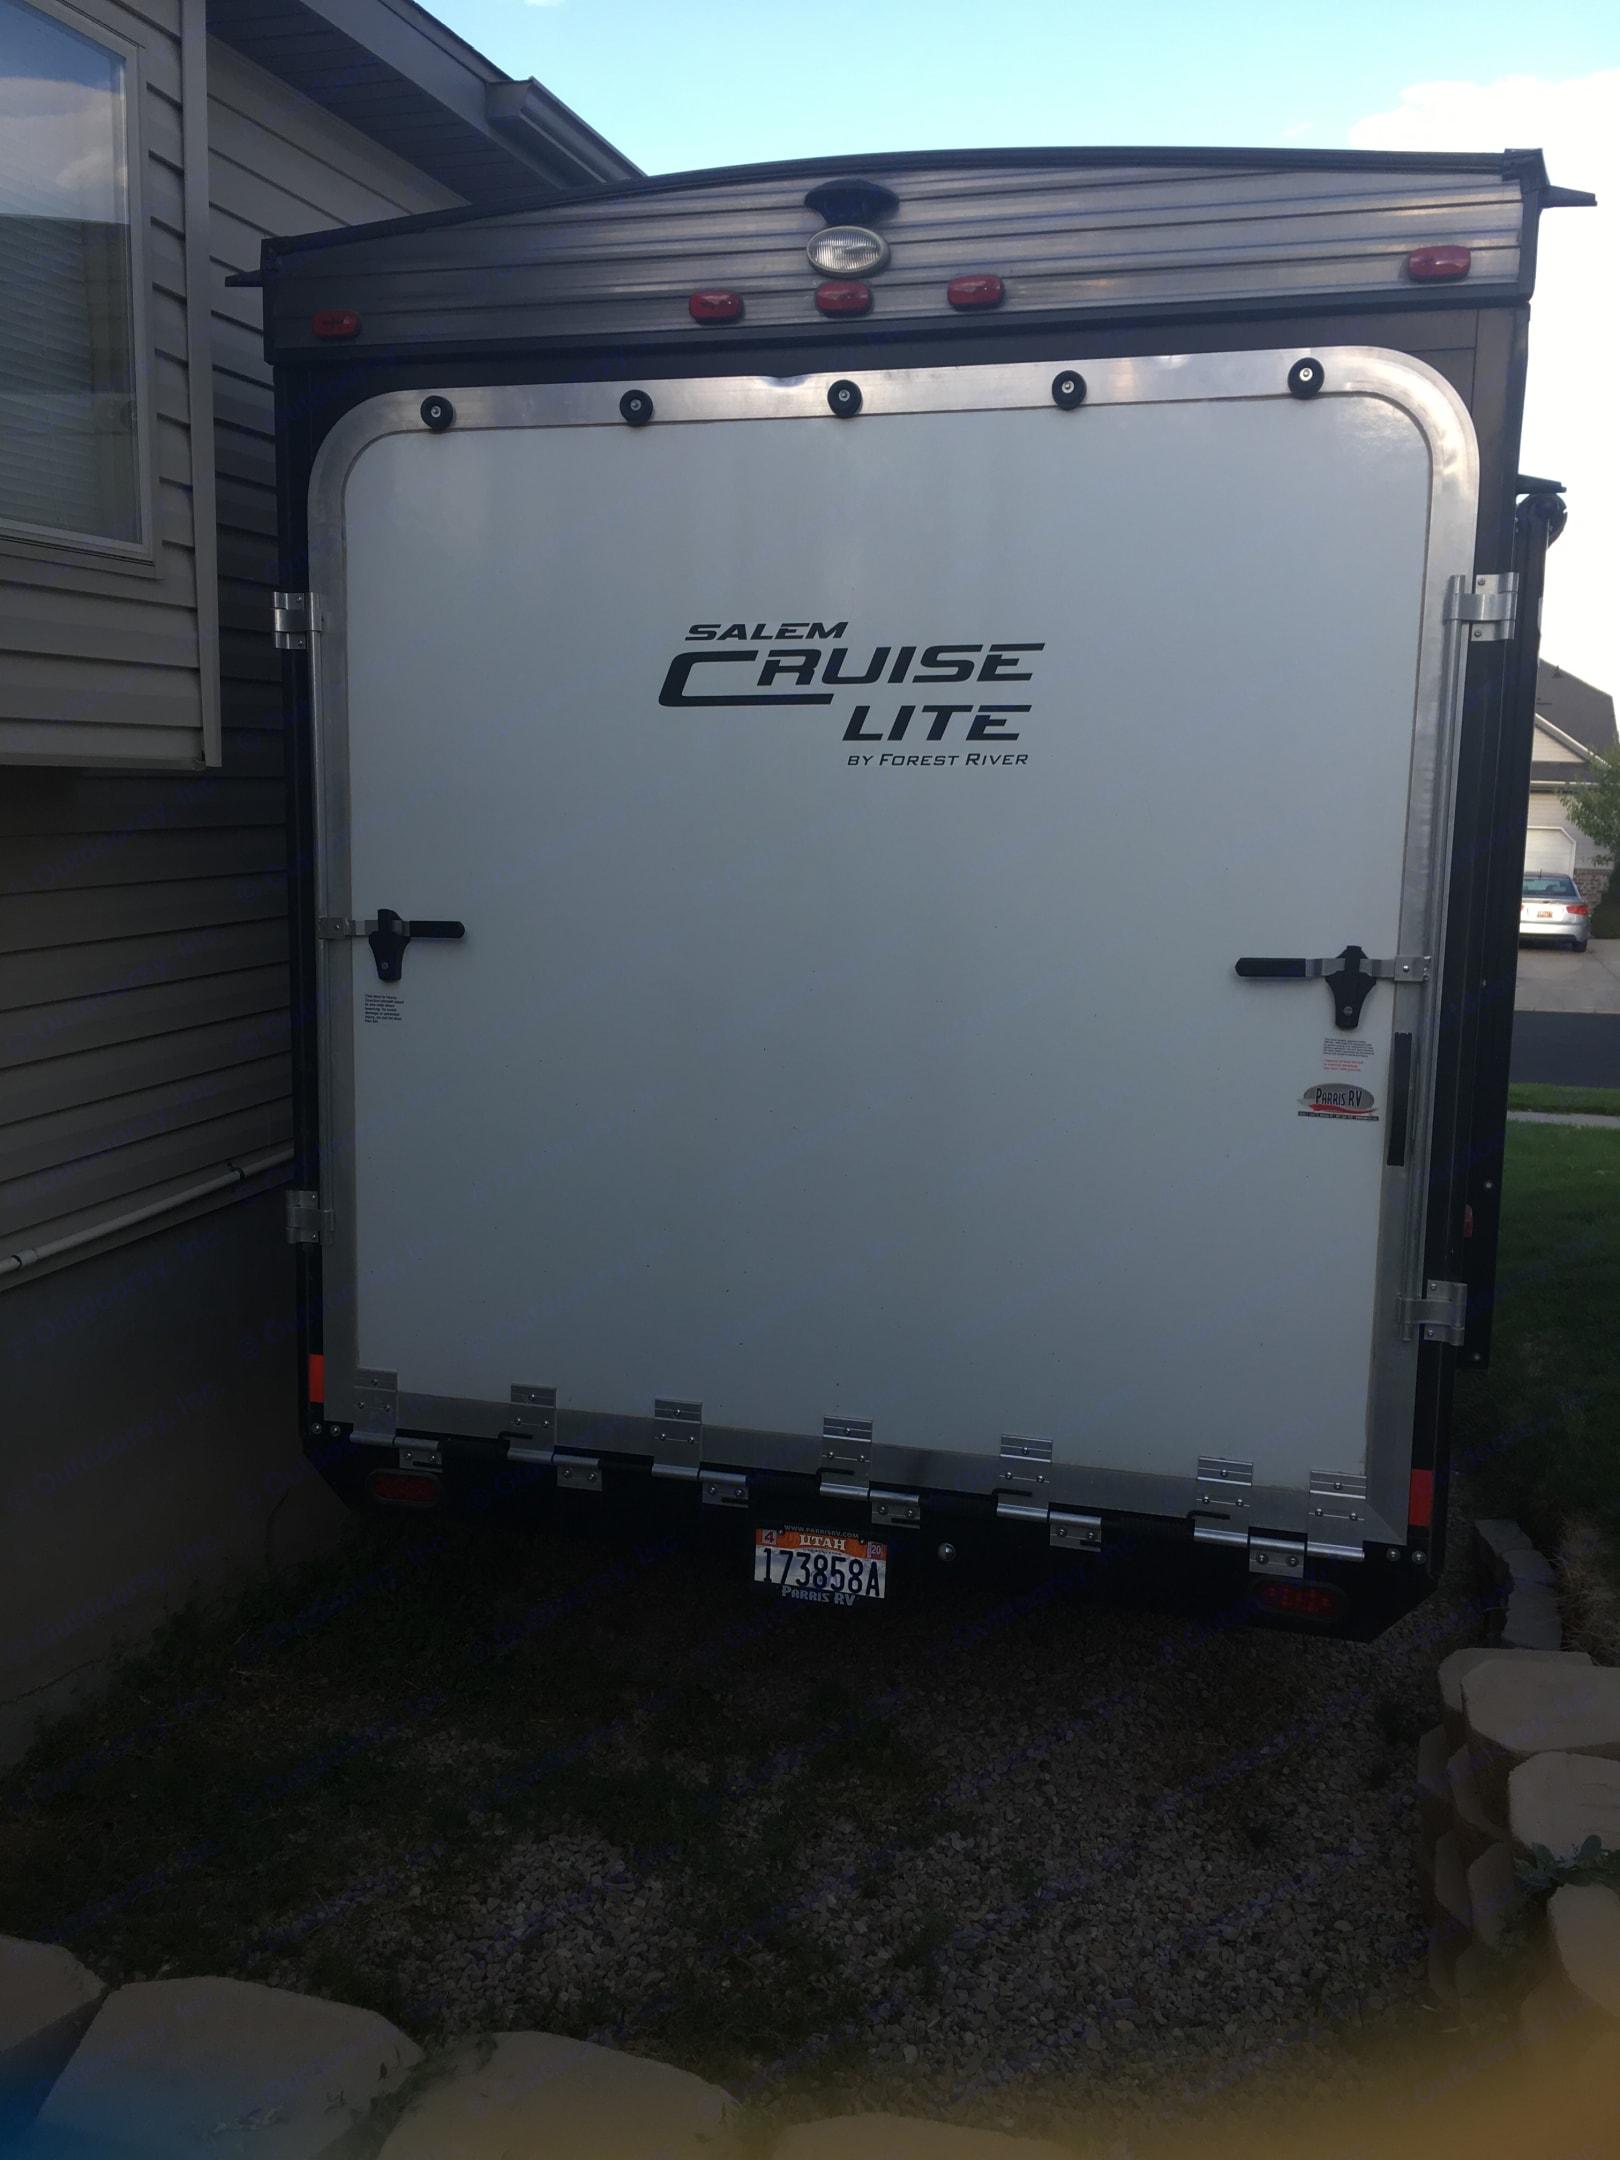 Garage ramp. . Forest River Salem Cruise Lite 2017